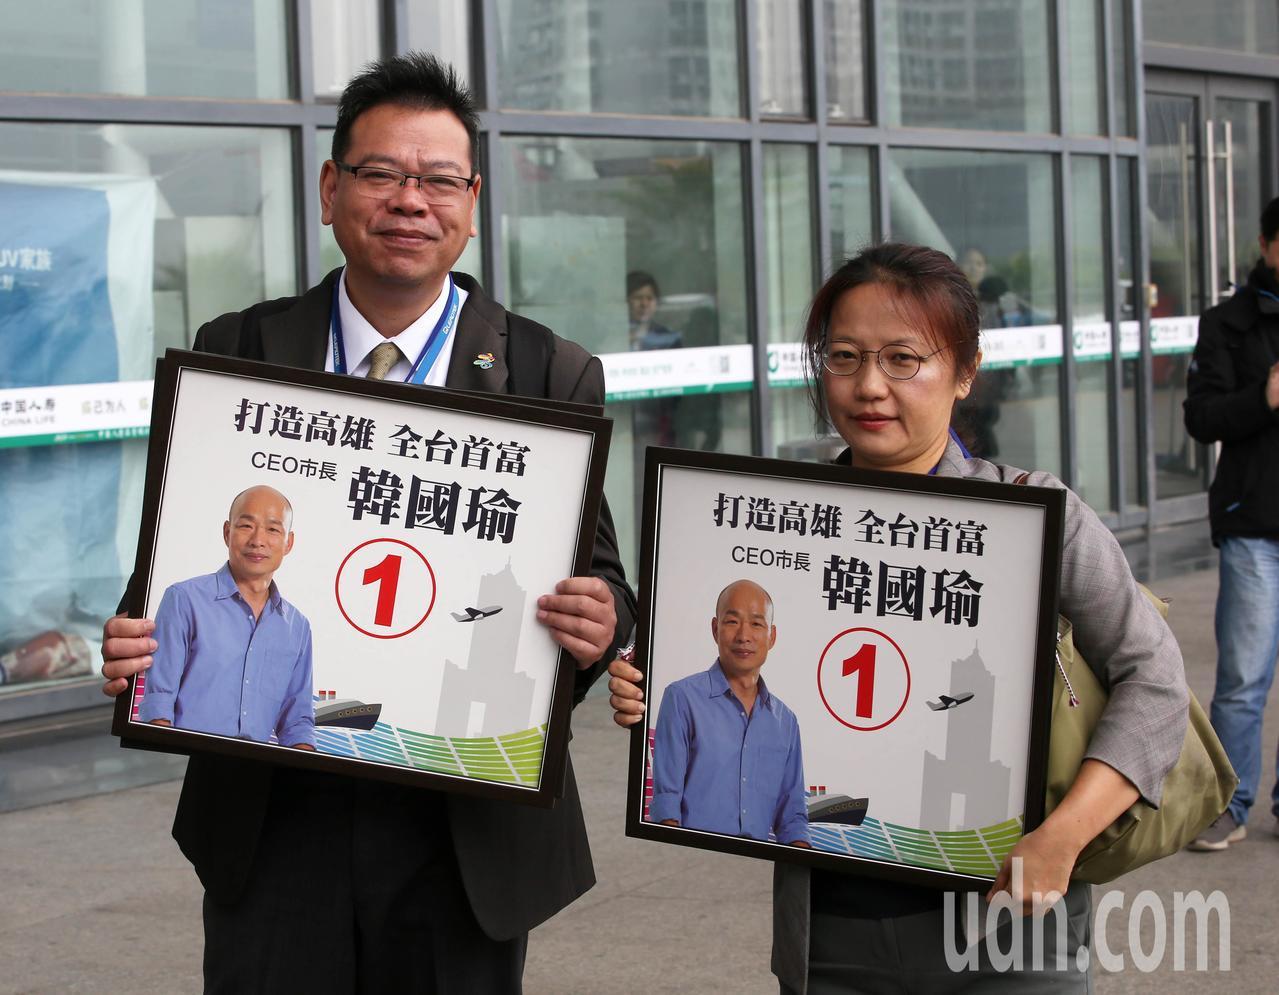 韓國瑜參訪團一行人抵達廈門,現場有韓迷在外迎接。記者劉學聖/攝影